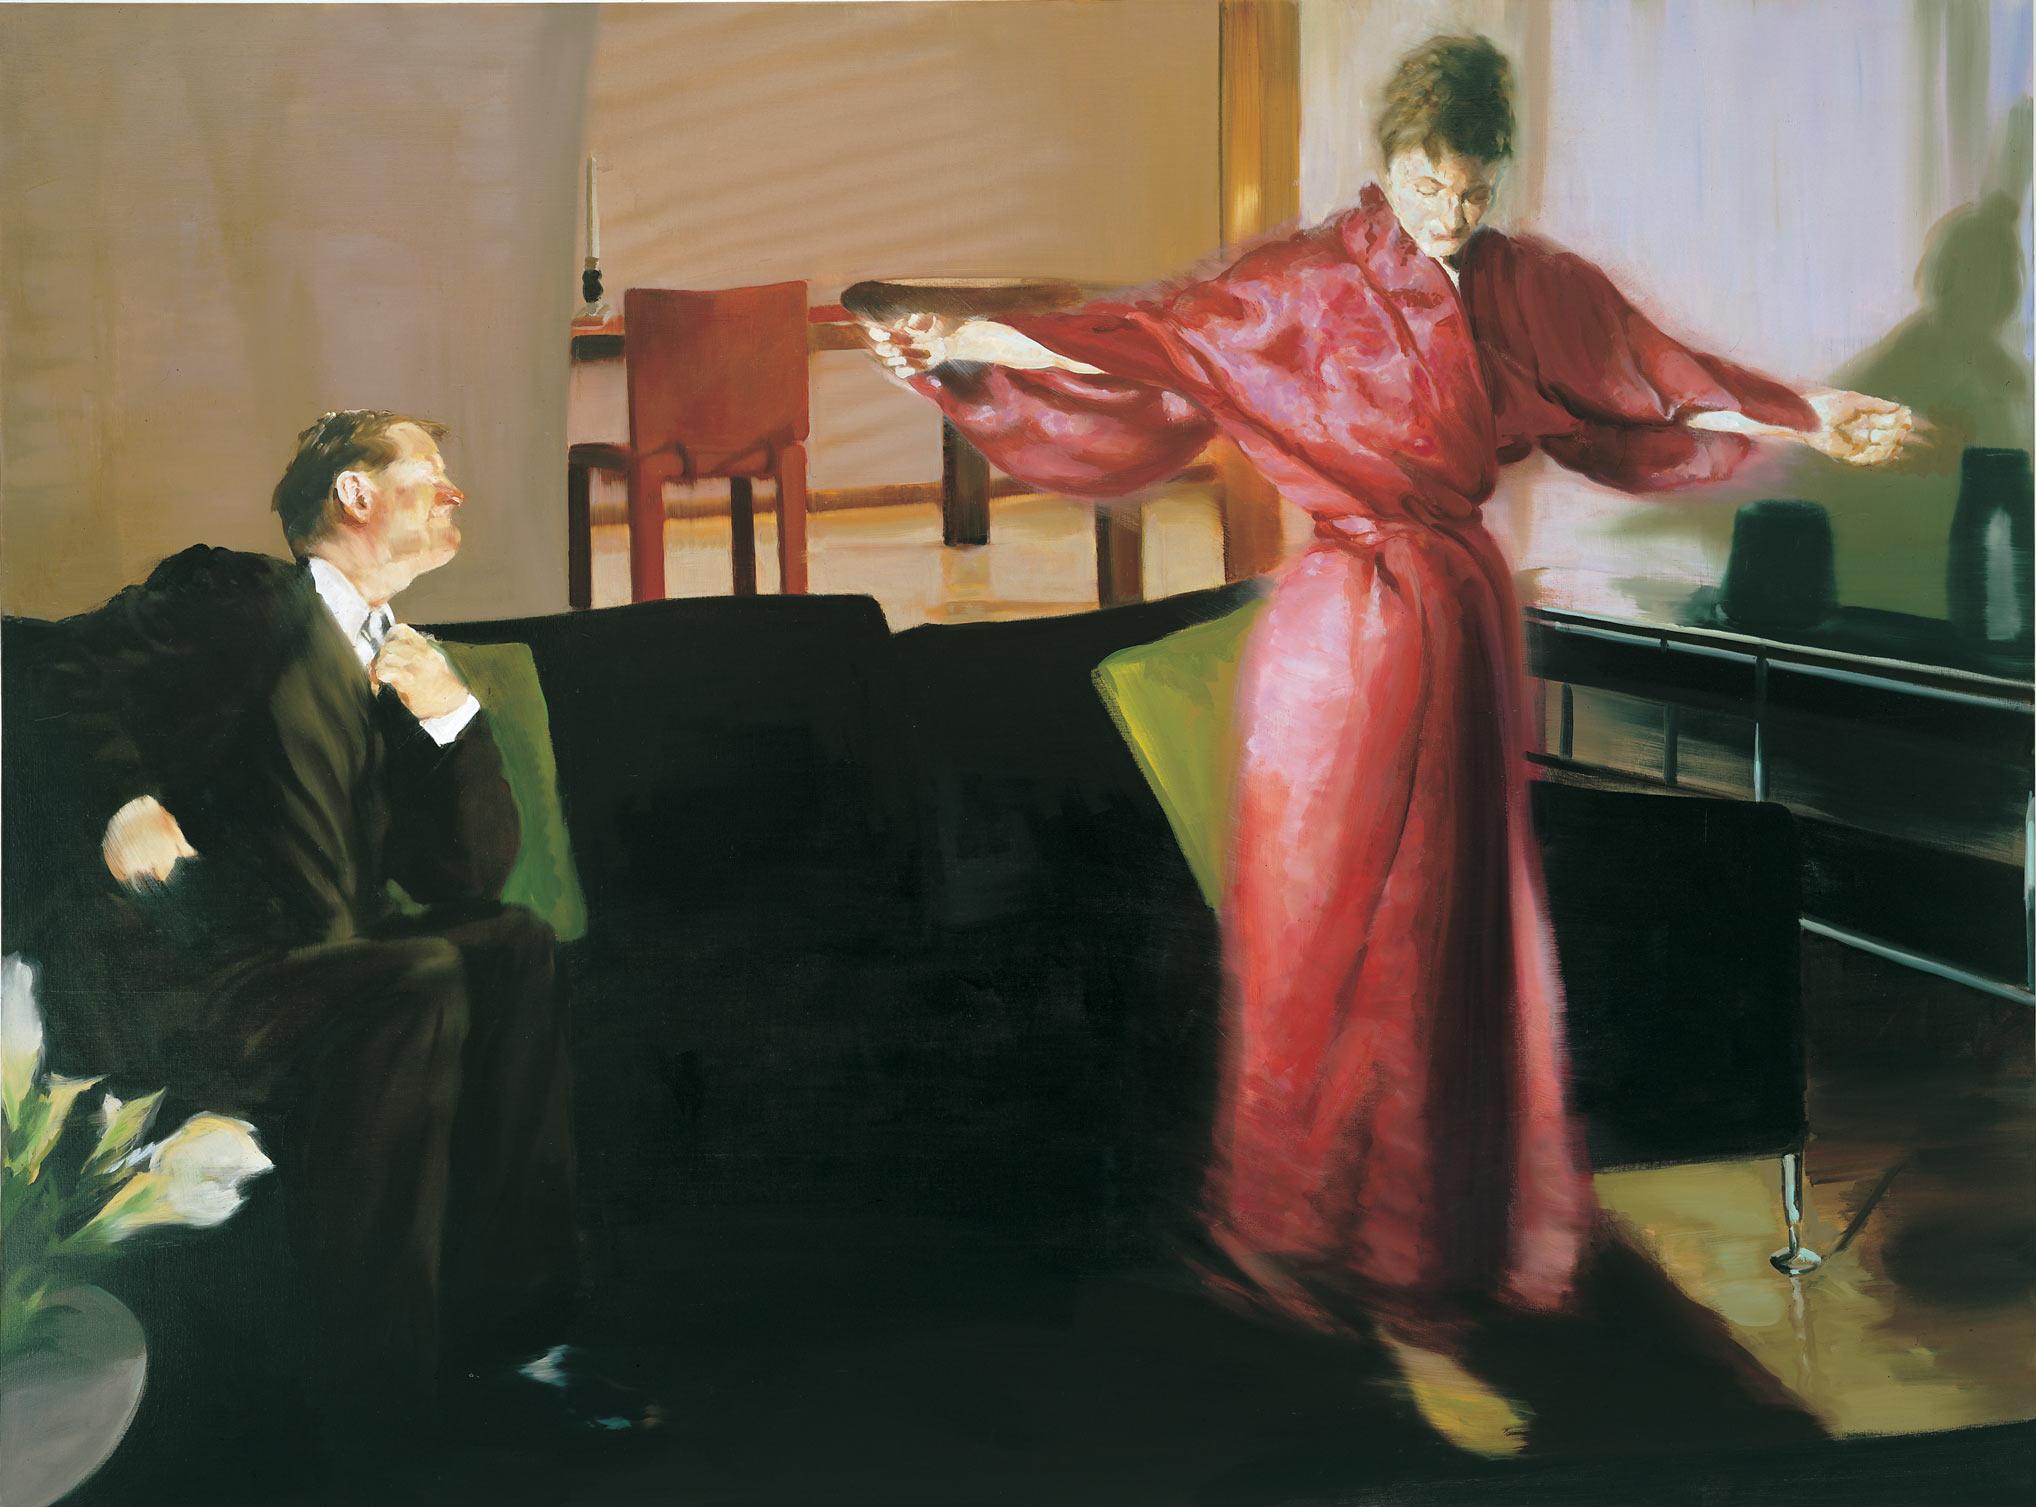 Krefeld Project; Living Room, Scene #3 , 2002.